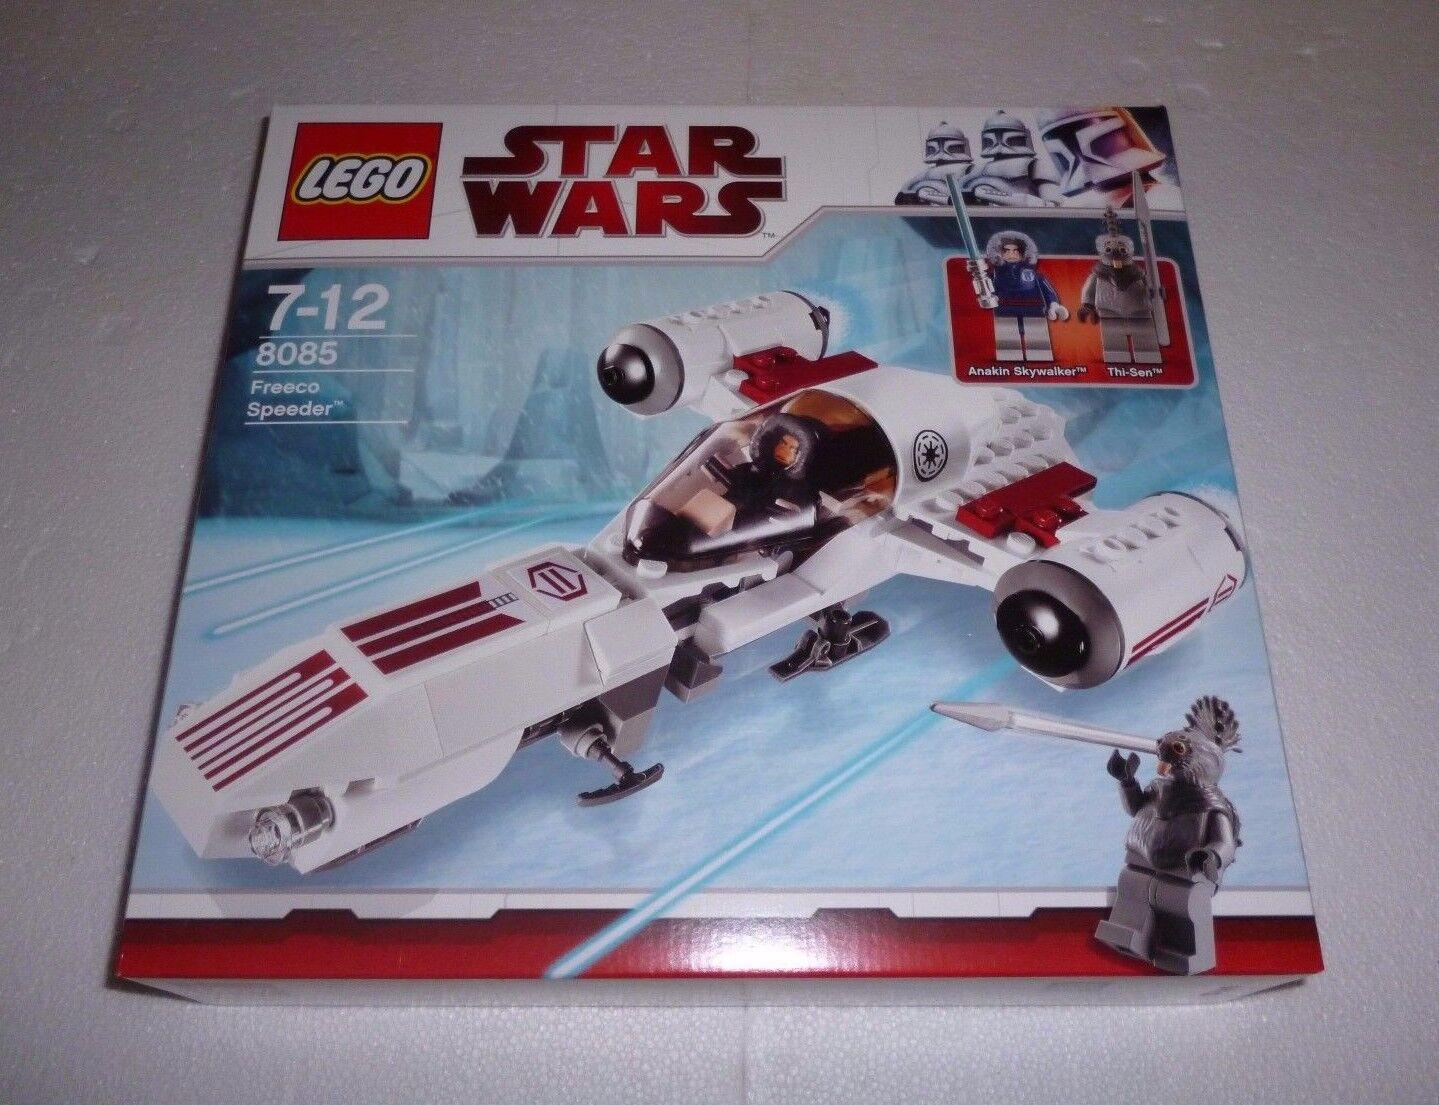 Lego Star Wars Freeco Speeder (8085) NEUF NEW NEUF dans sa boîte